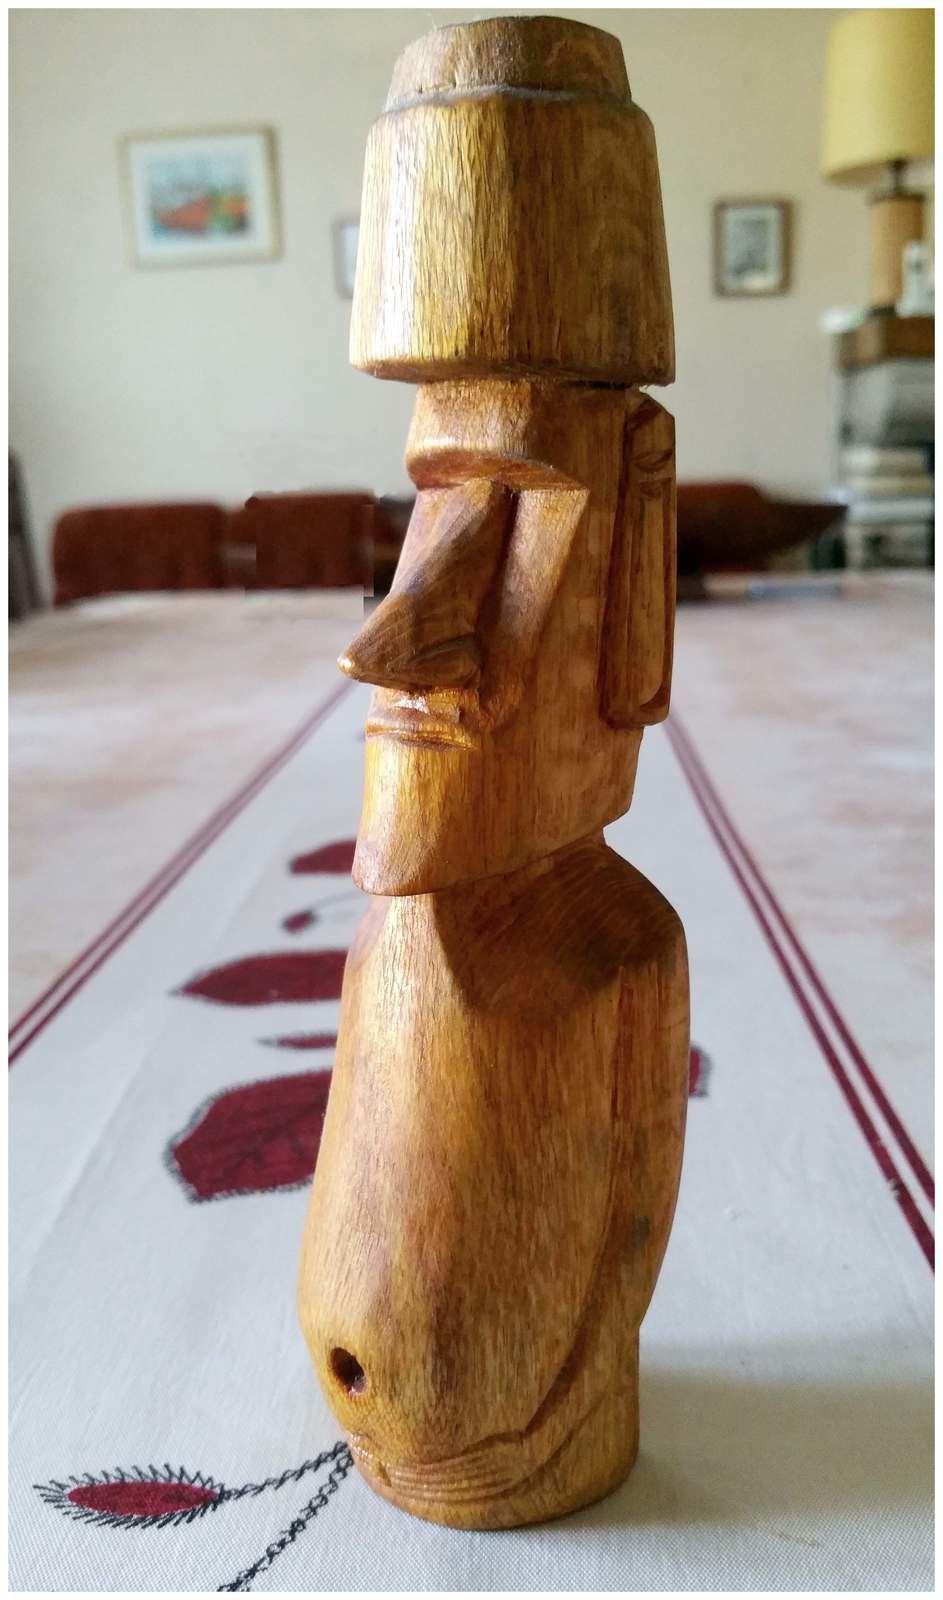 023 - Ile de PAQUES, Easter Island, Isla de Pascua, Rapa Nui, Hanga Roa, Moai, Homme-oiseau, Tangata manu, Jorge Etu Tuki, déc. 2001 Chili, photos GeoMar